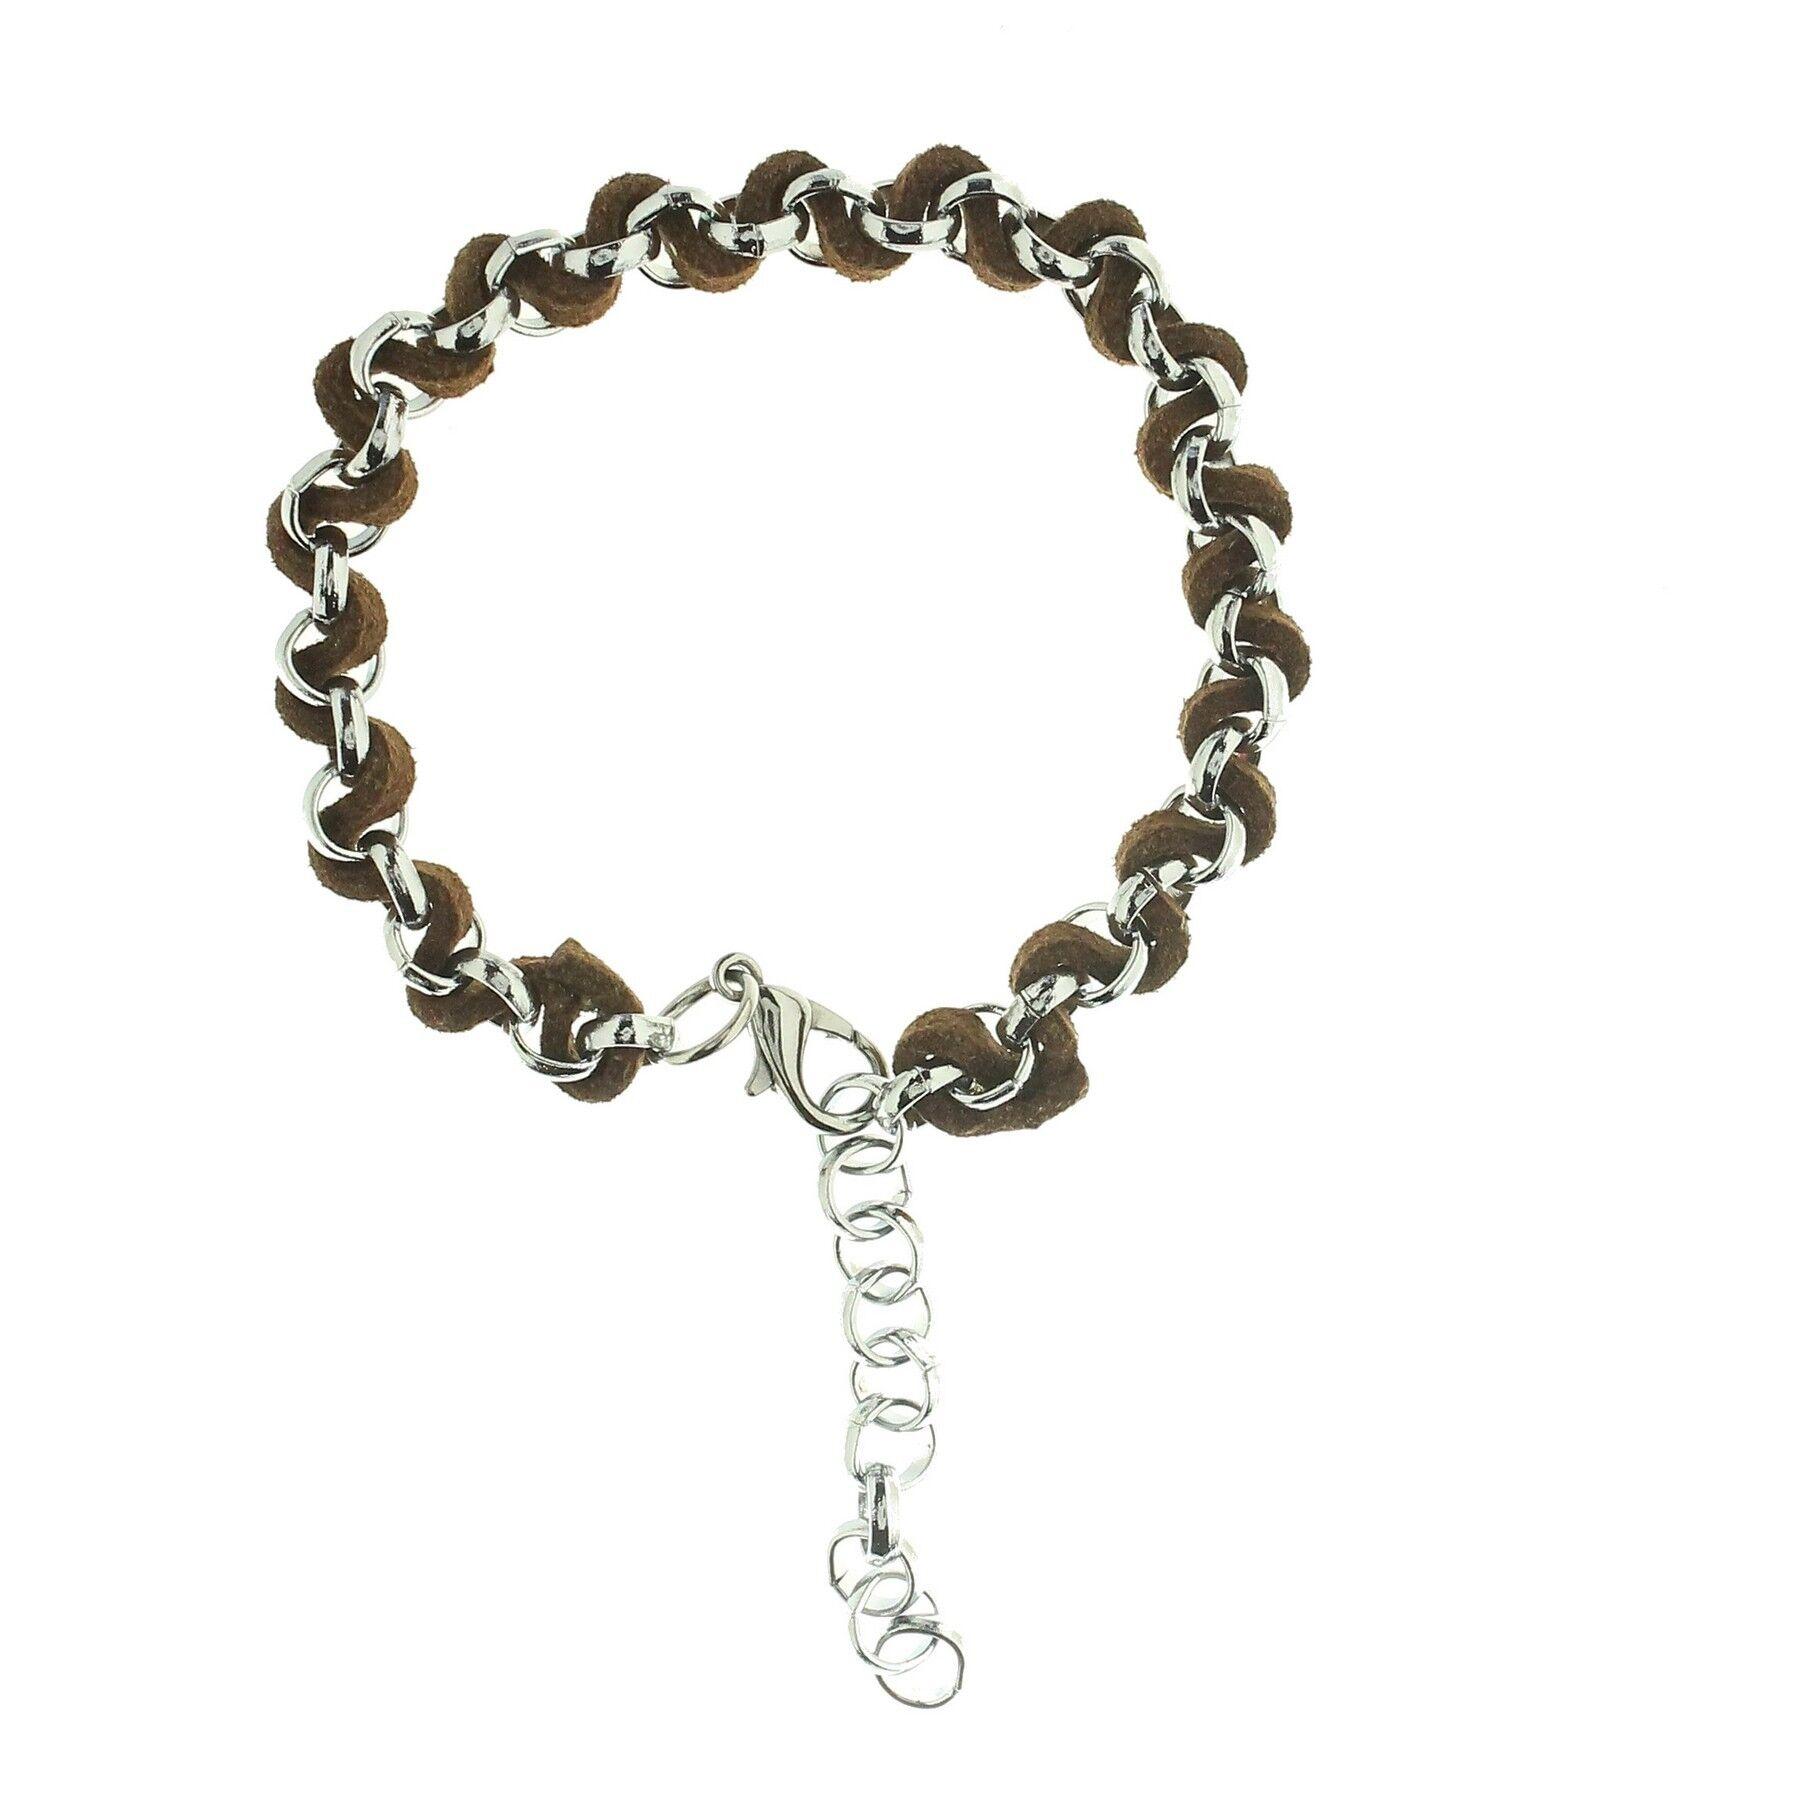 superbijoux Bracelet fantaisie homme femme enfant torsadé suédine marron et acier